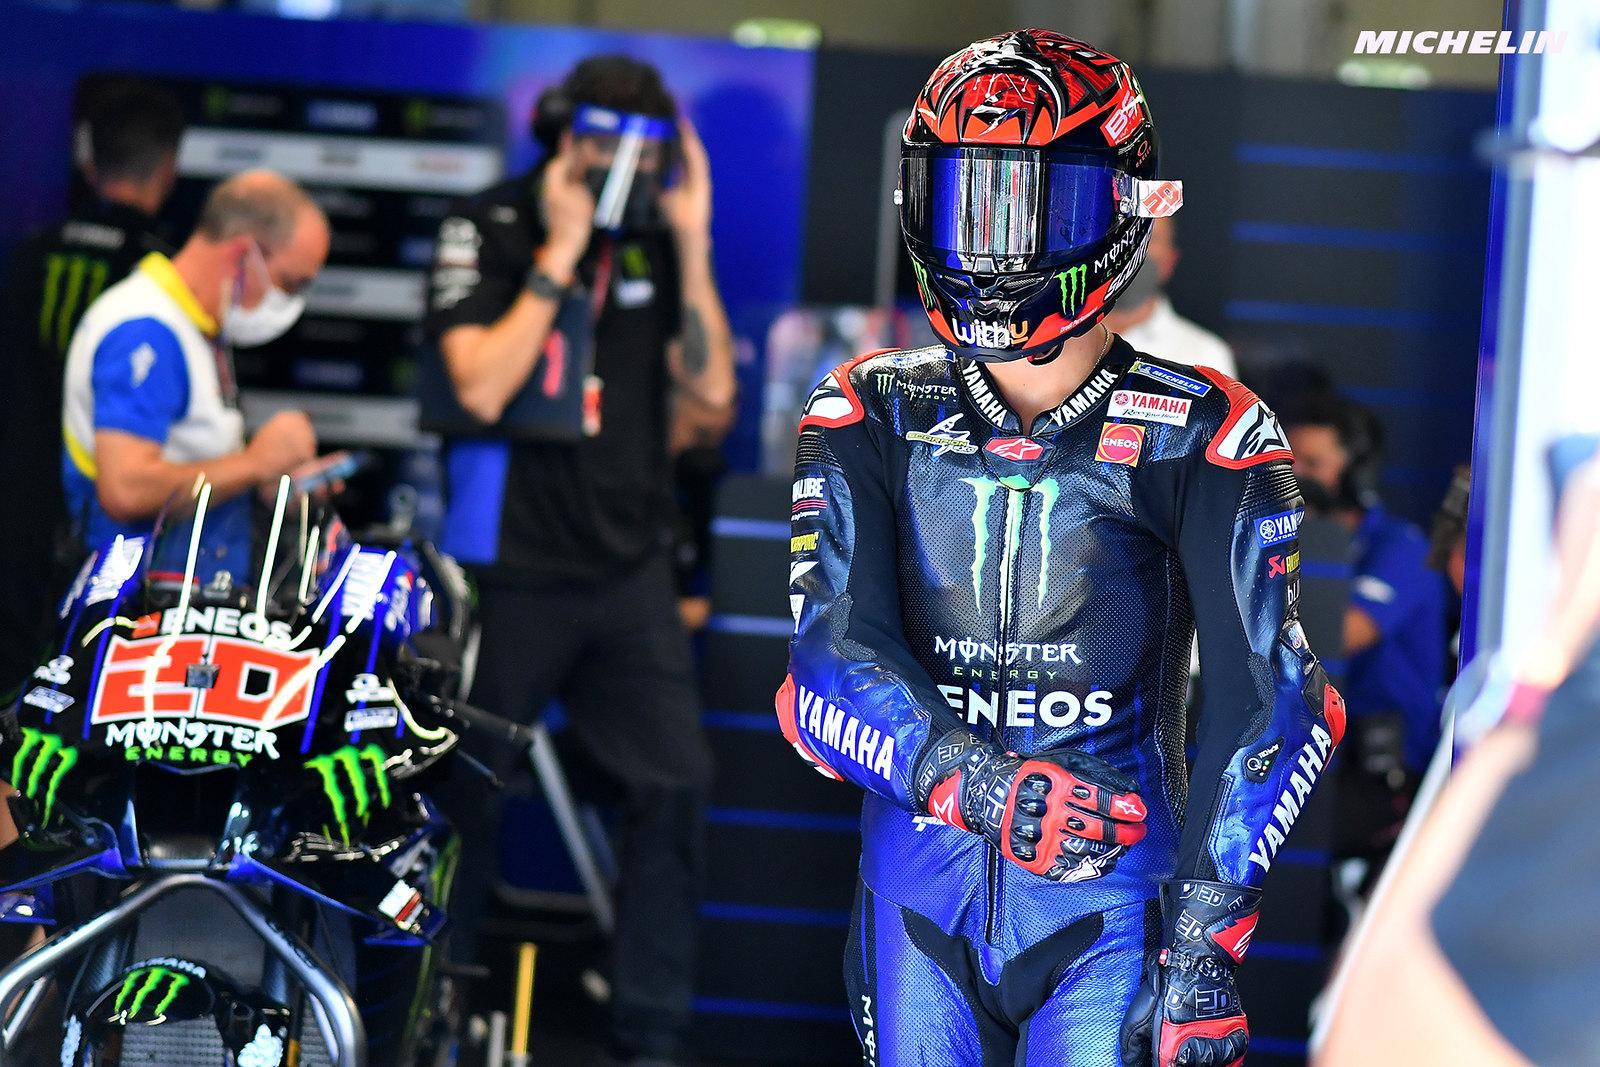 MotoGP2021オーストリアGP 初日総合 6位ファビオ・クアルタラロ「フィーリングは良かったがペースはイマイチ」